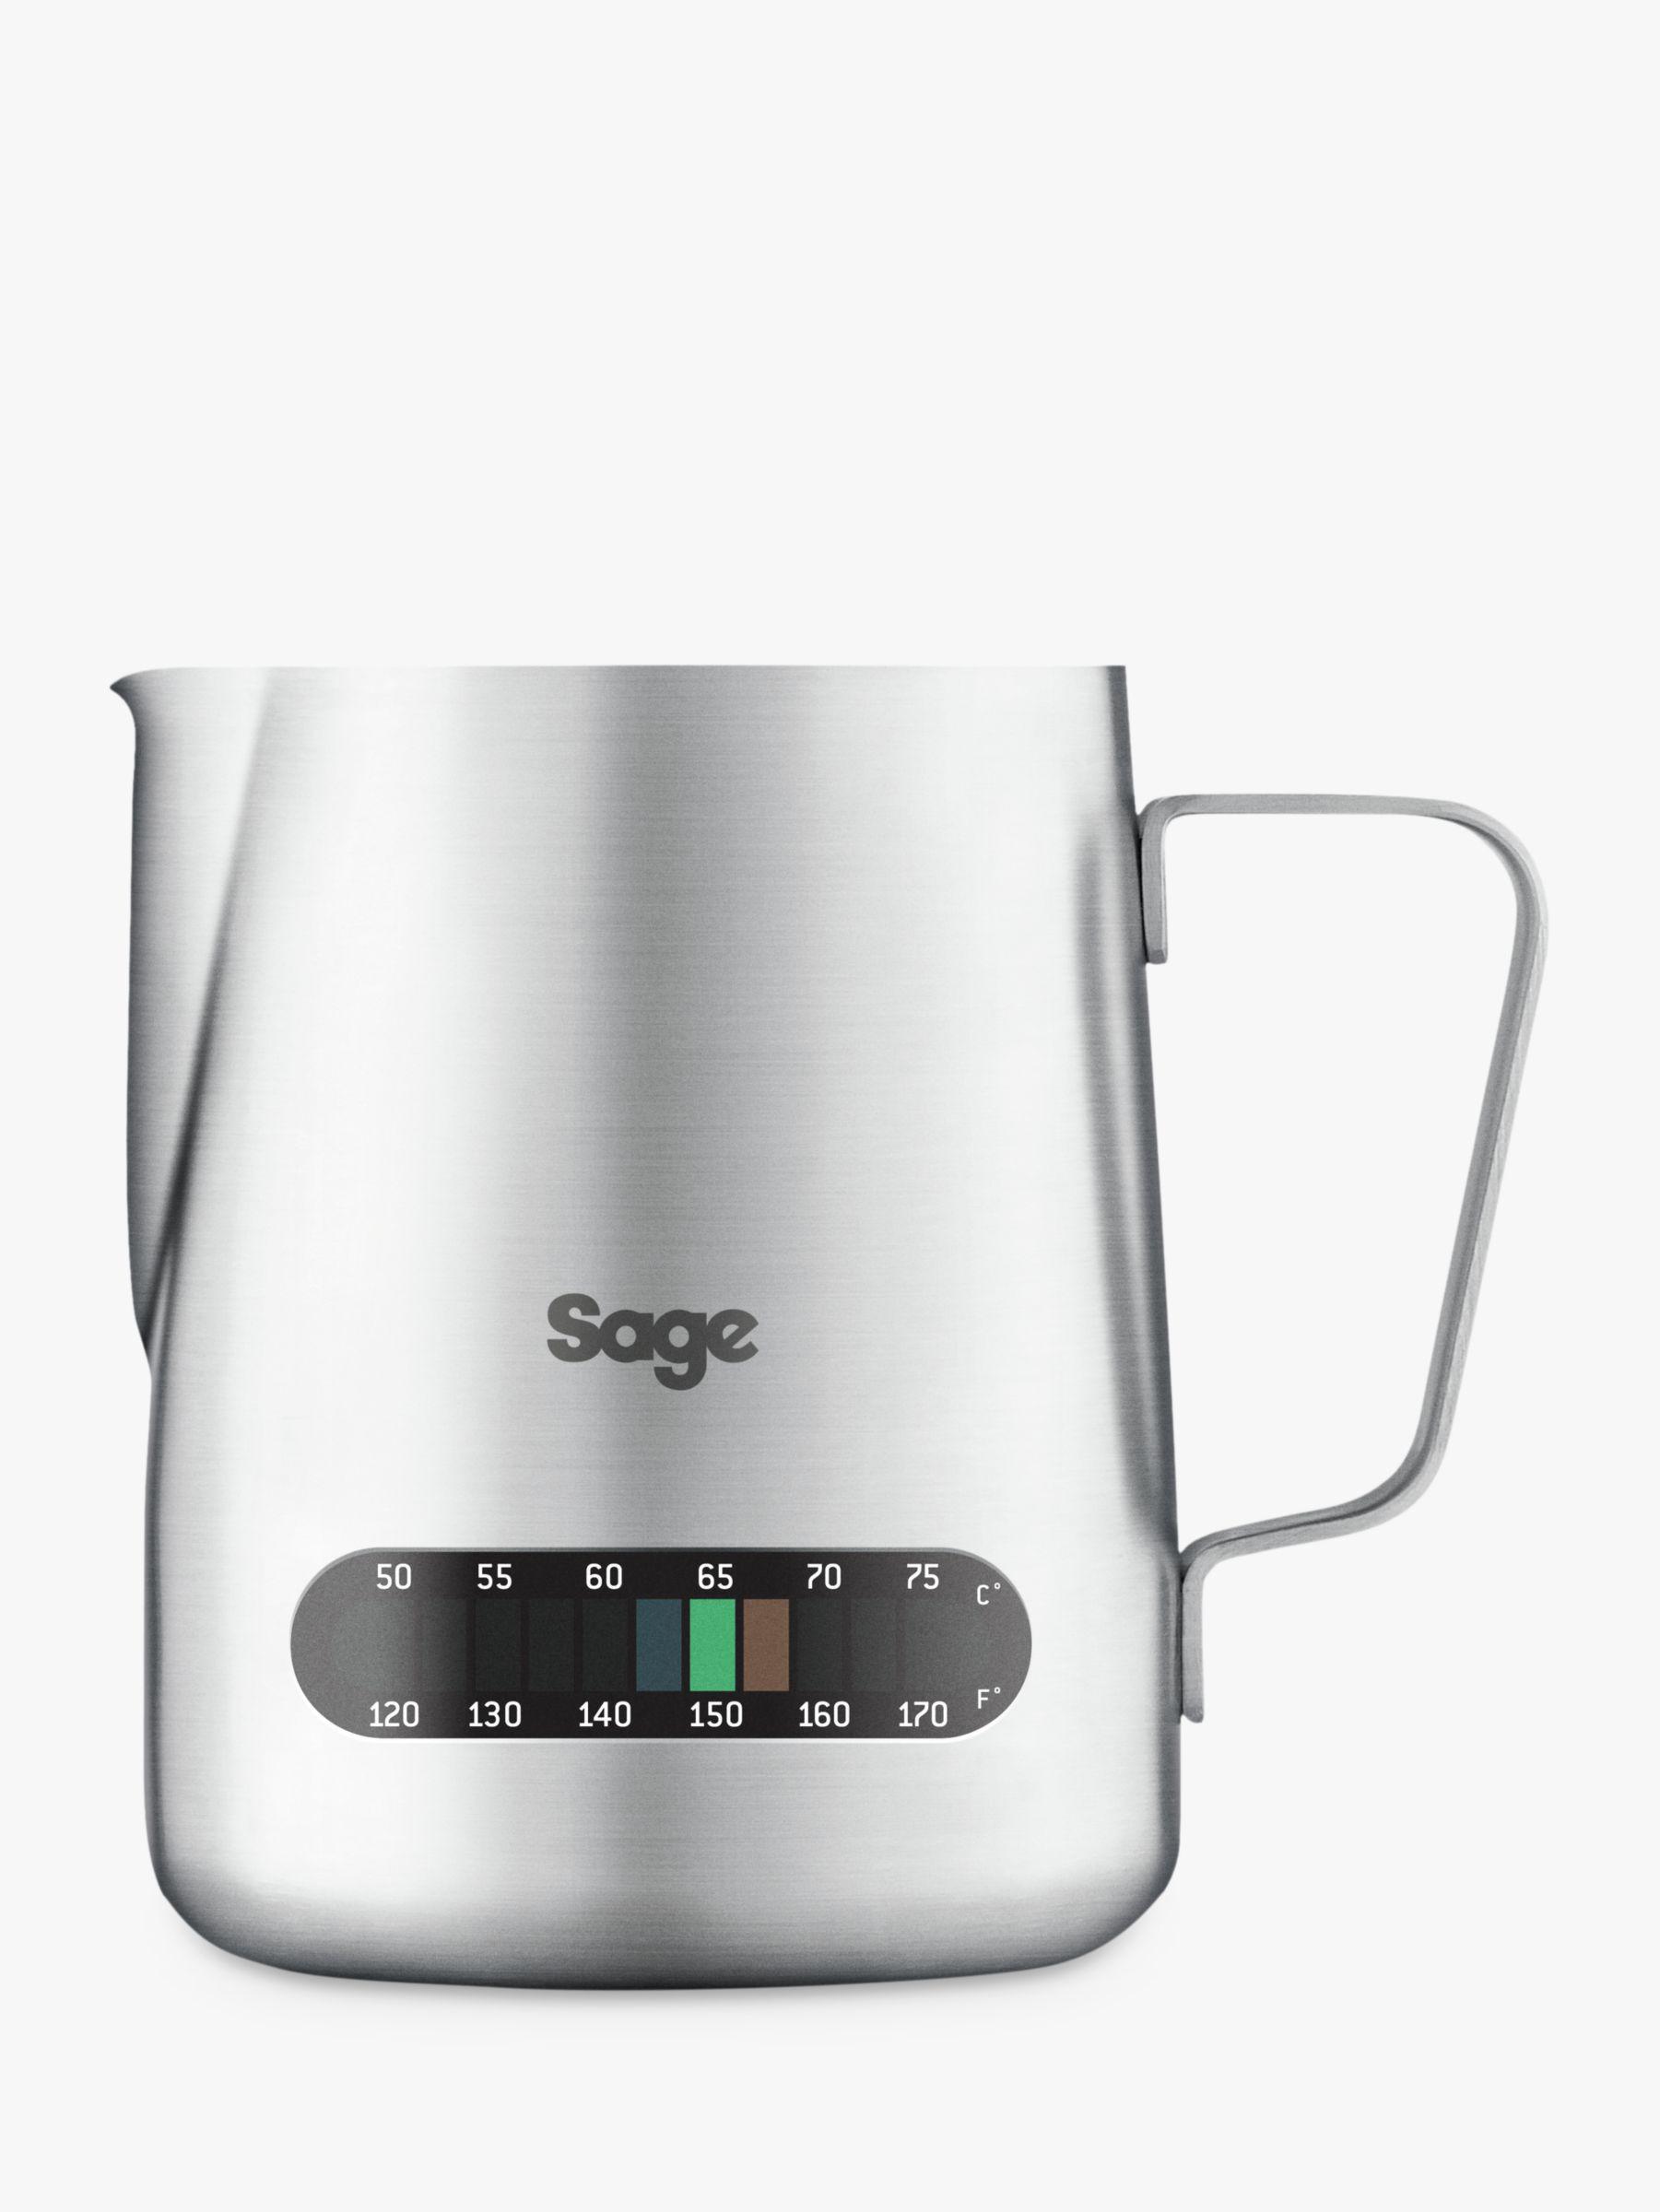 Sage Sage BES003UK The Temp Control Milk Jug